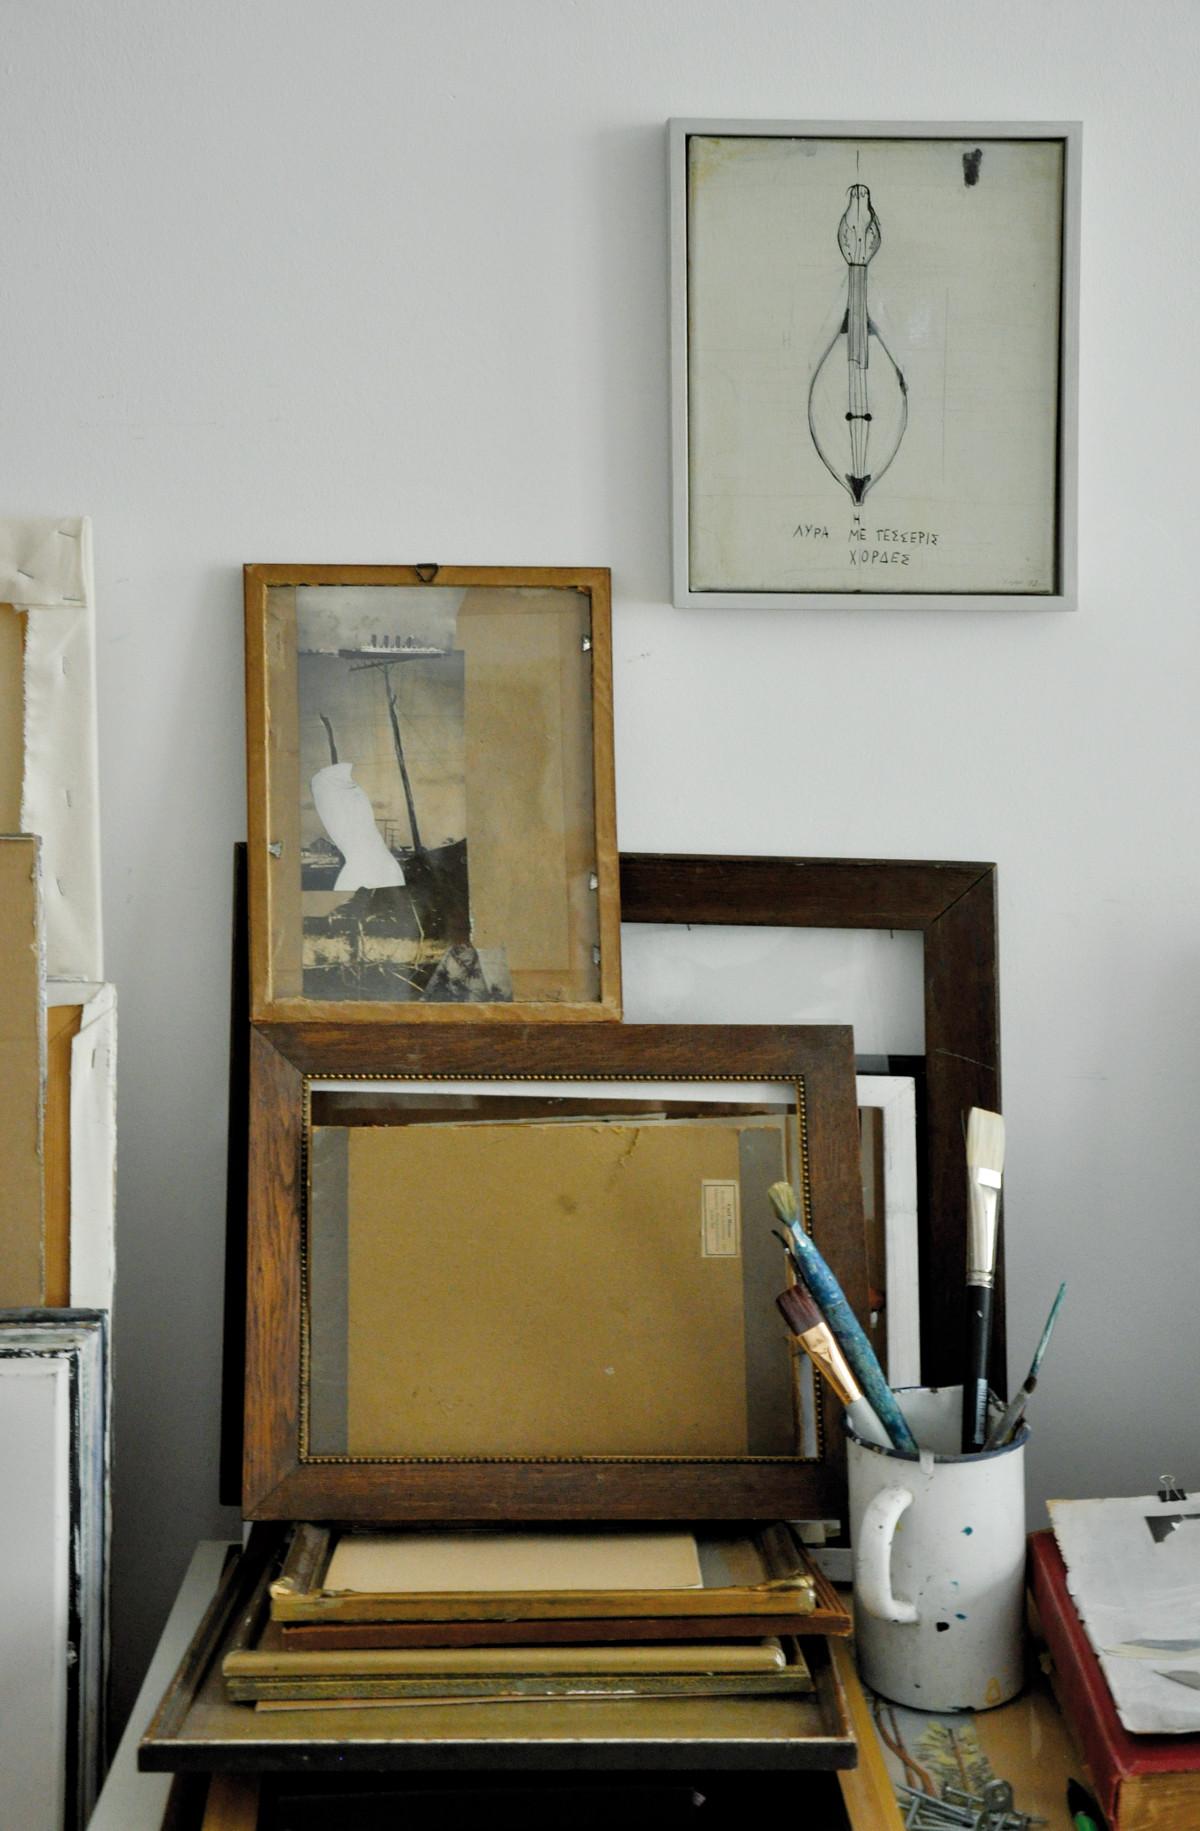 Ausstellung 30.04. - 23.05.2016 | Karsta Lipp und Susan Lipp | Manchmal gehen wir auch zum Hafen | Malerei, Zeichnung, Collage